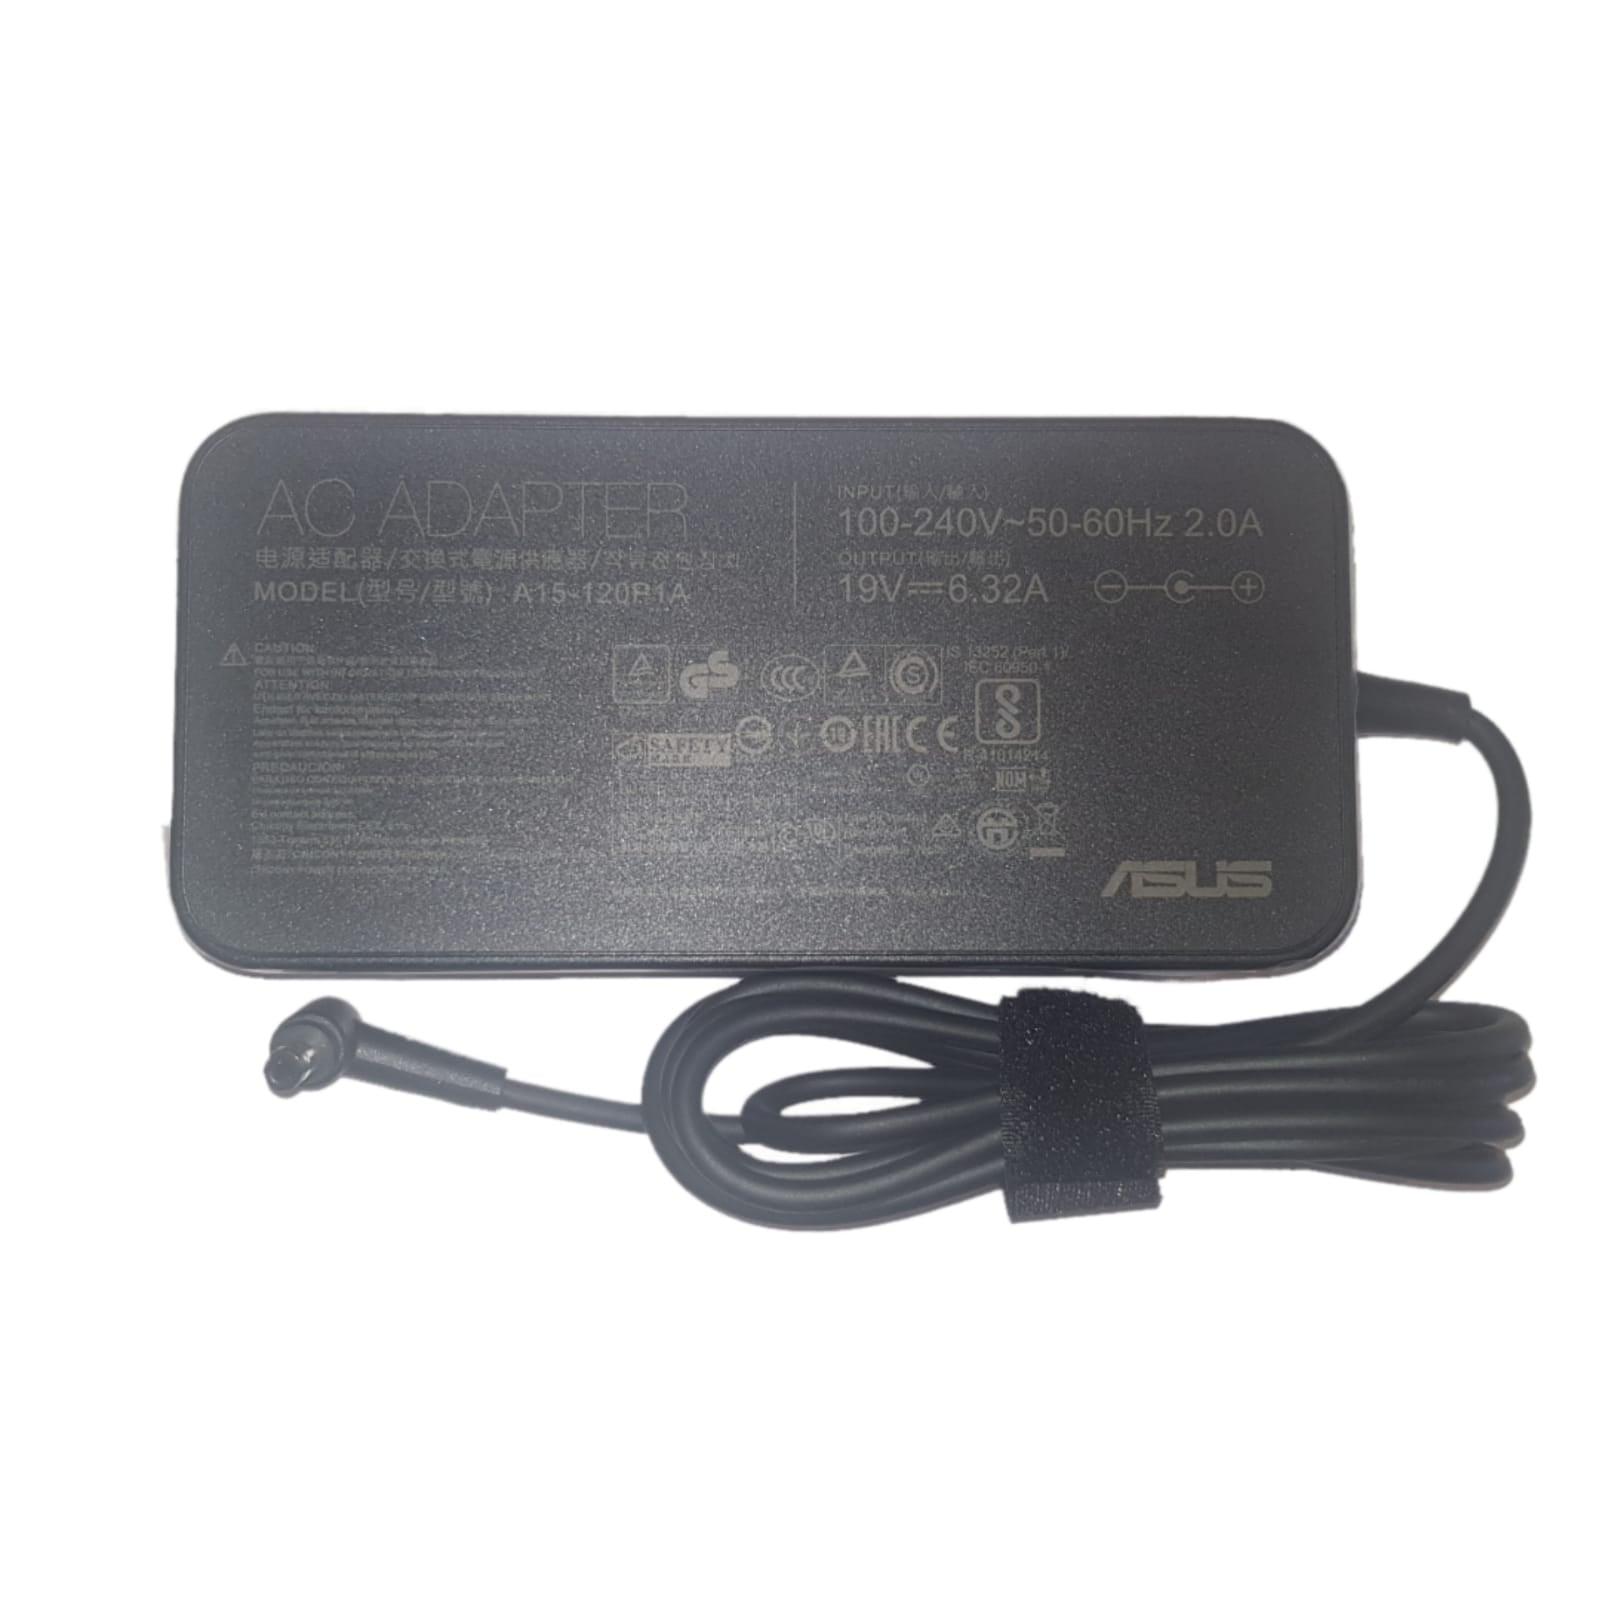 מטען למחשב נייד אסוס Asus K750LB